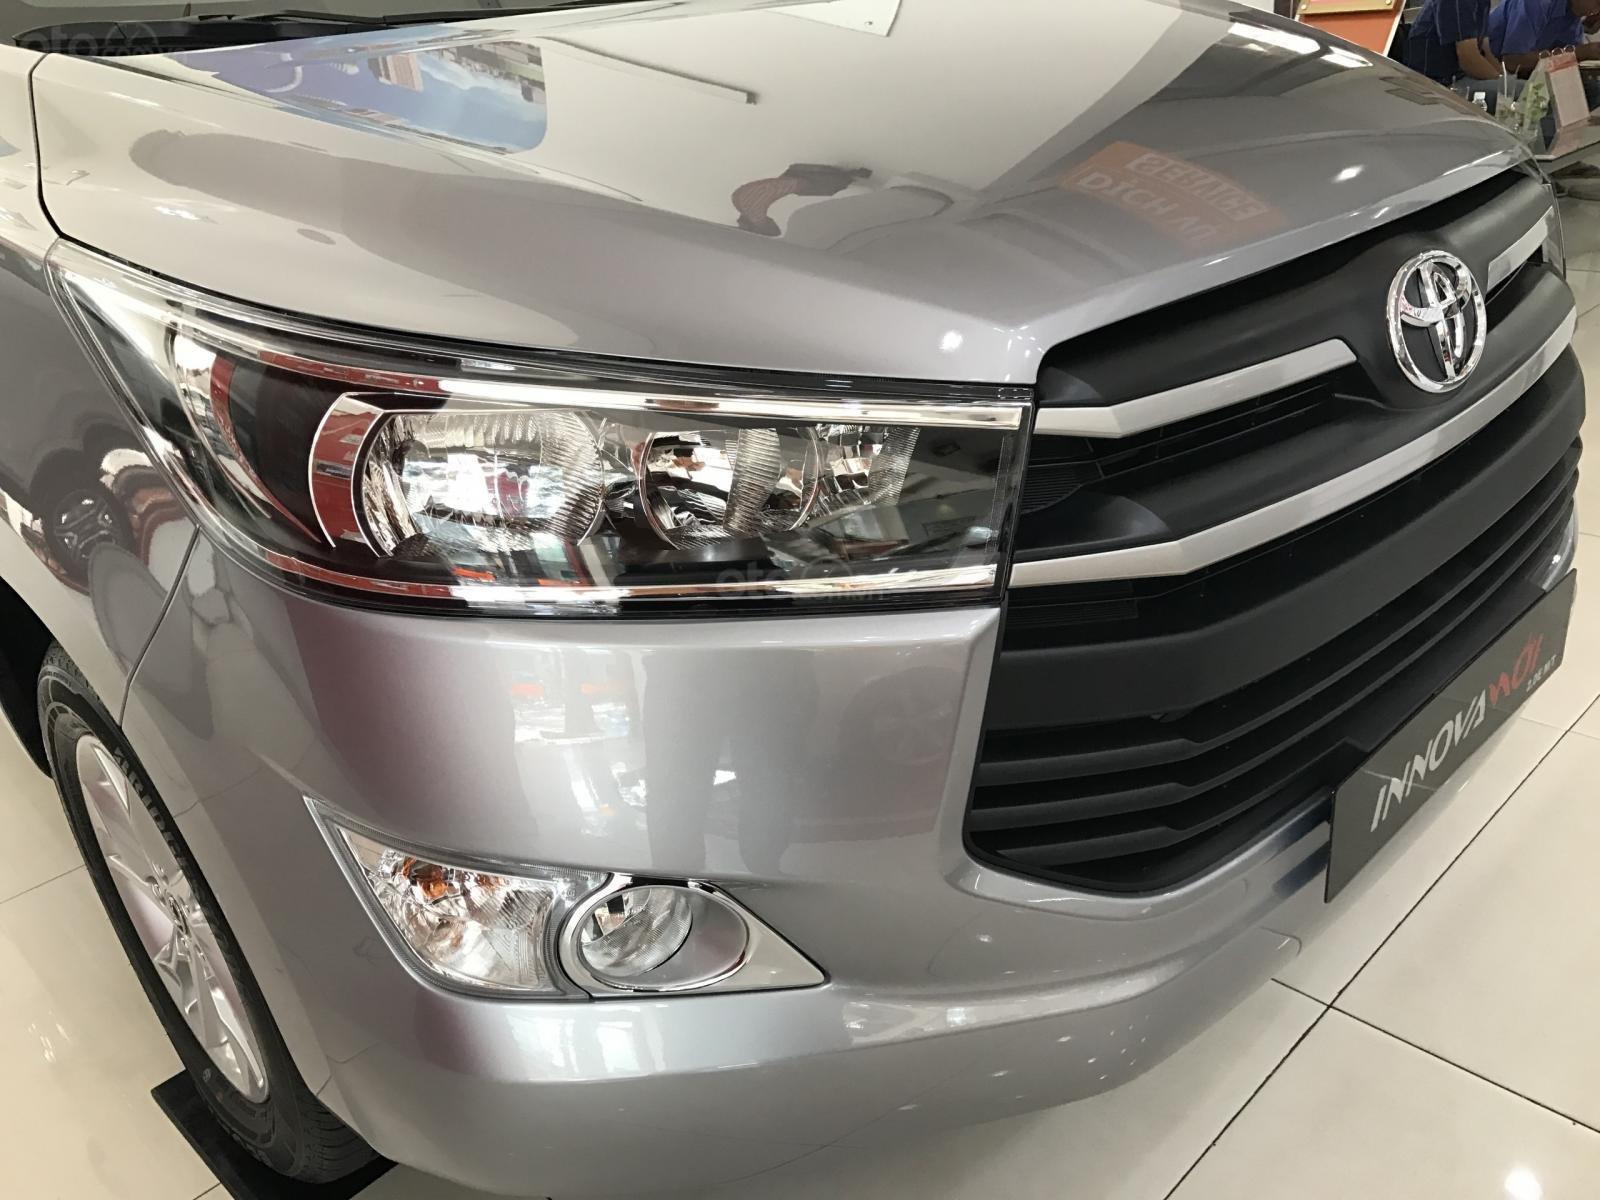 Bán Toyota Innova 2019 - Góp 10Tr/tháng - giá tốt tháng 5-6